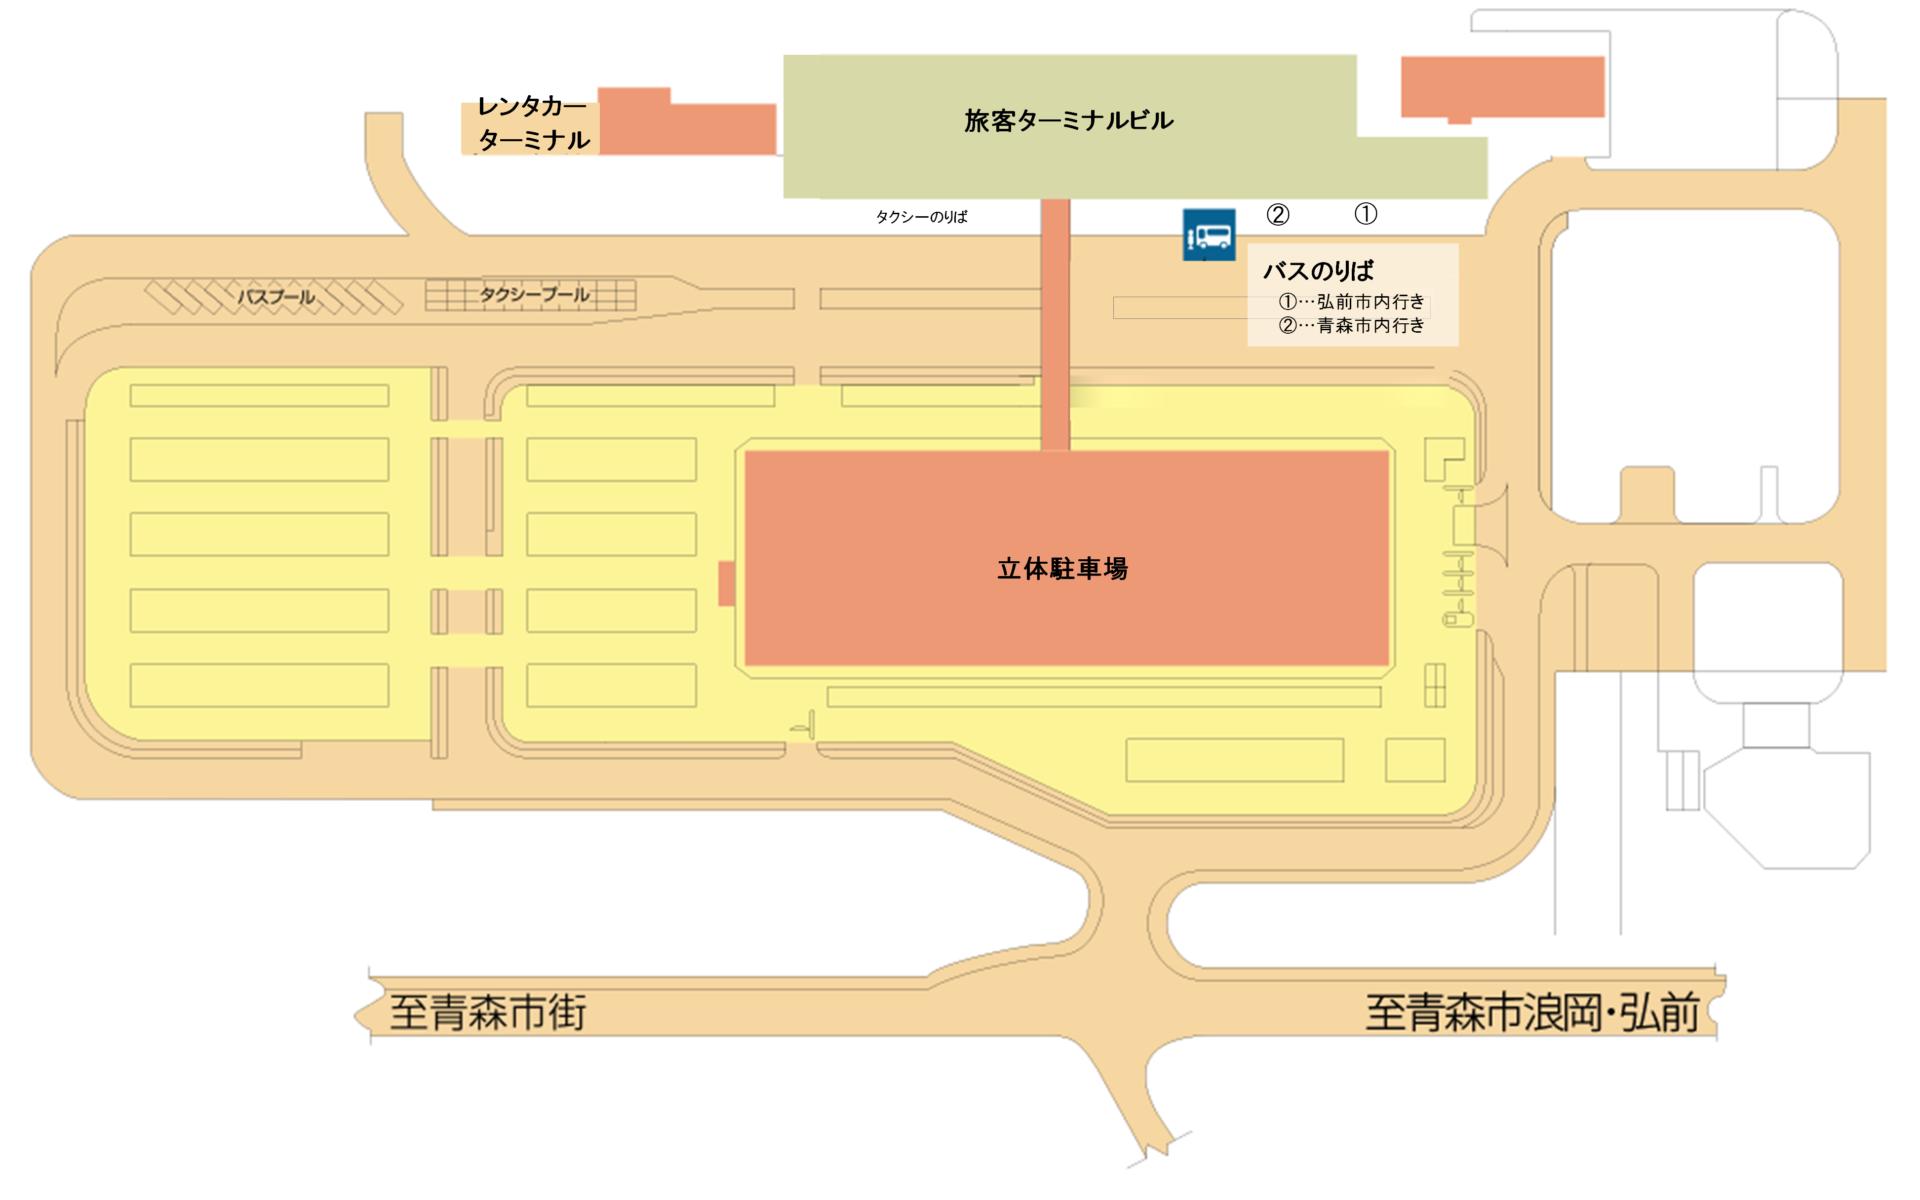 青森空港バスのり場等 平面図